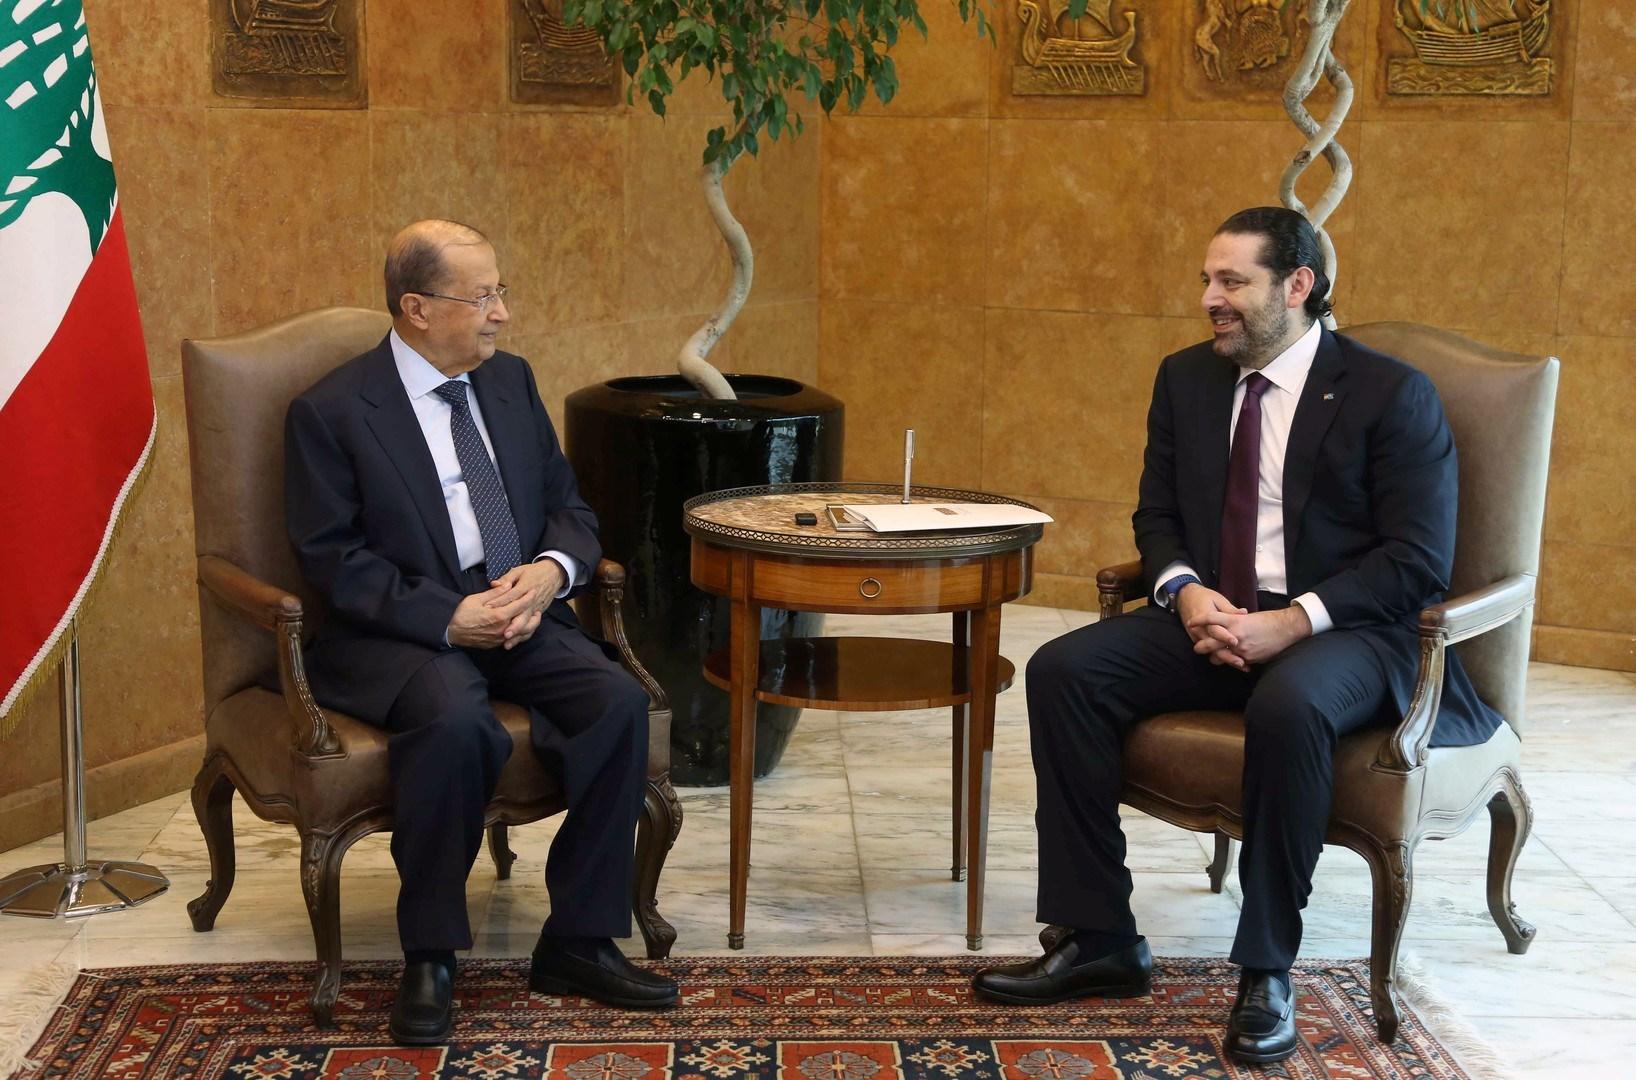 عون: الحريري مصمّم على التفرّد بتشكيل الحكومة